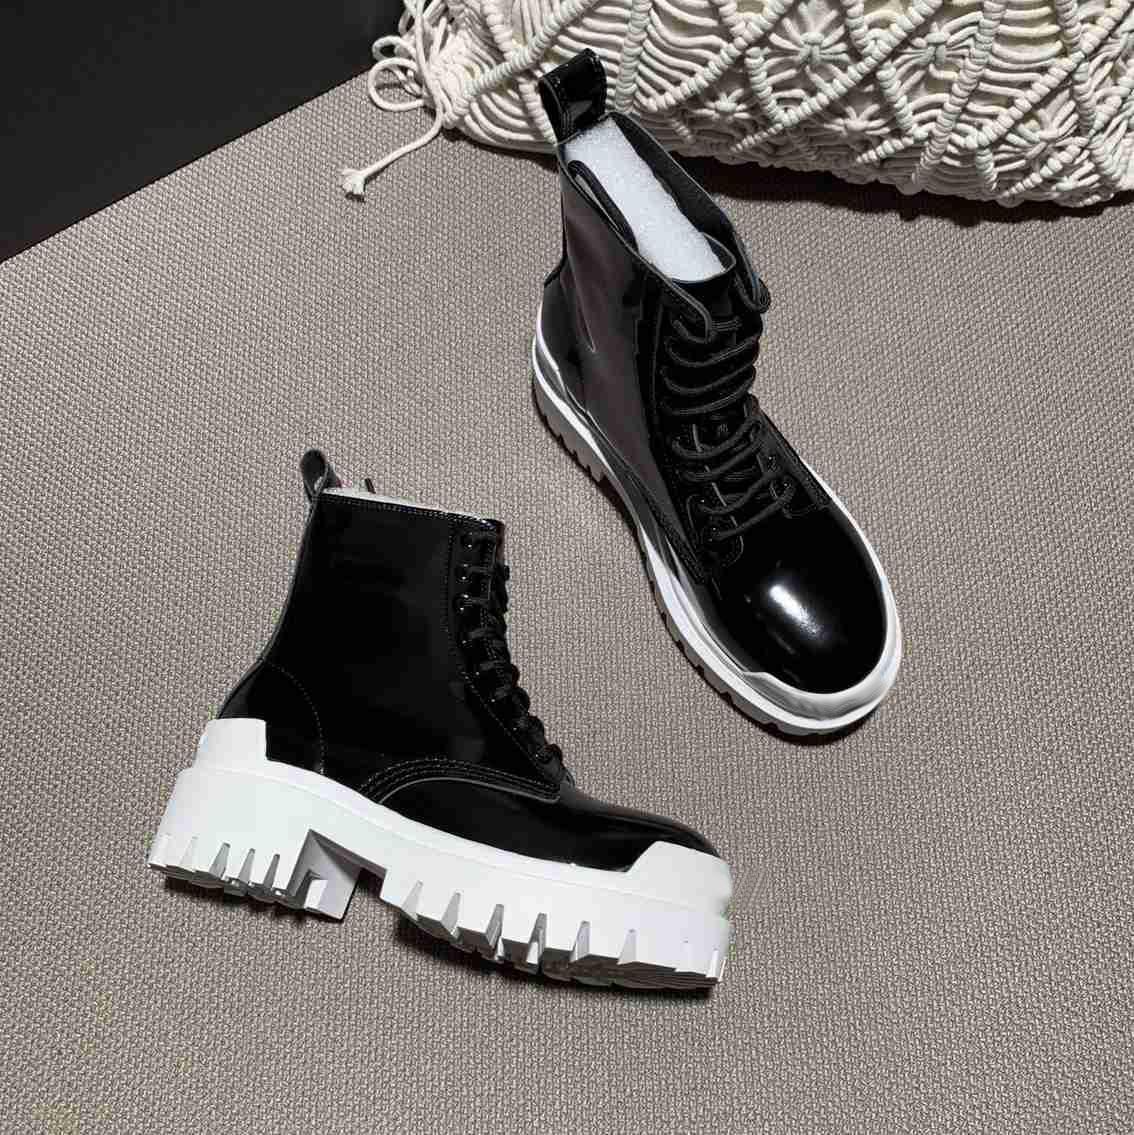 Marka Bayan Knight Ayak Bileği Moda Tıknaz Topuk Kar Kış Çizmeler Martin İnek Deri Frenulum Patik Boyutu35-42